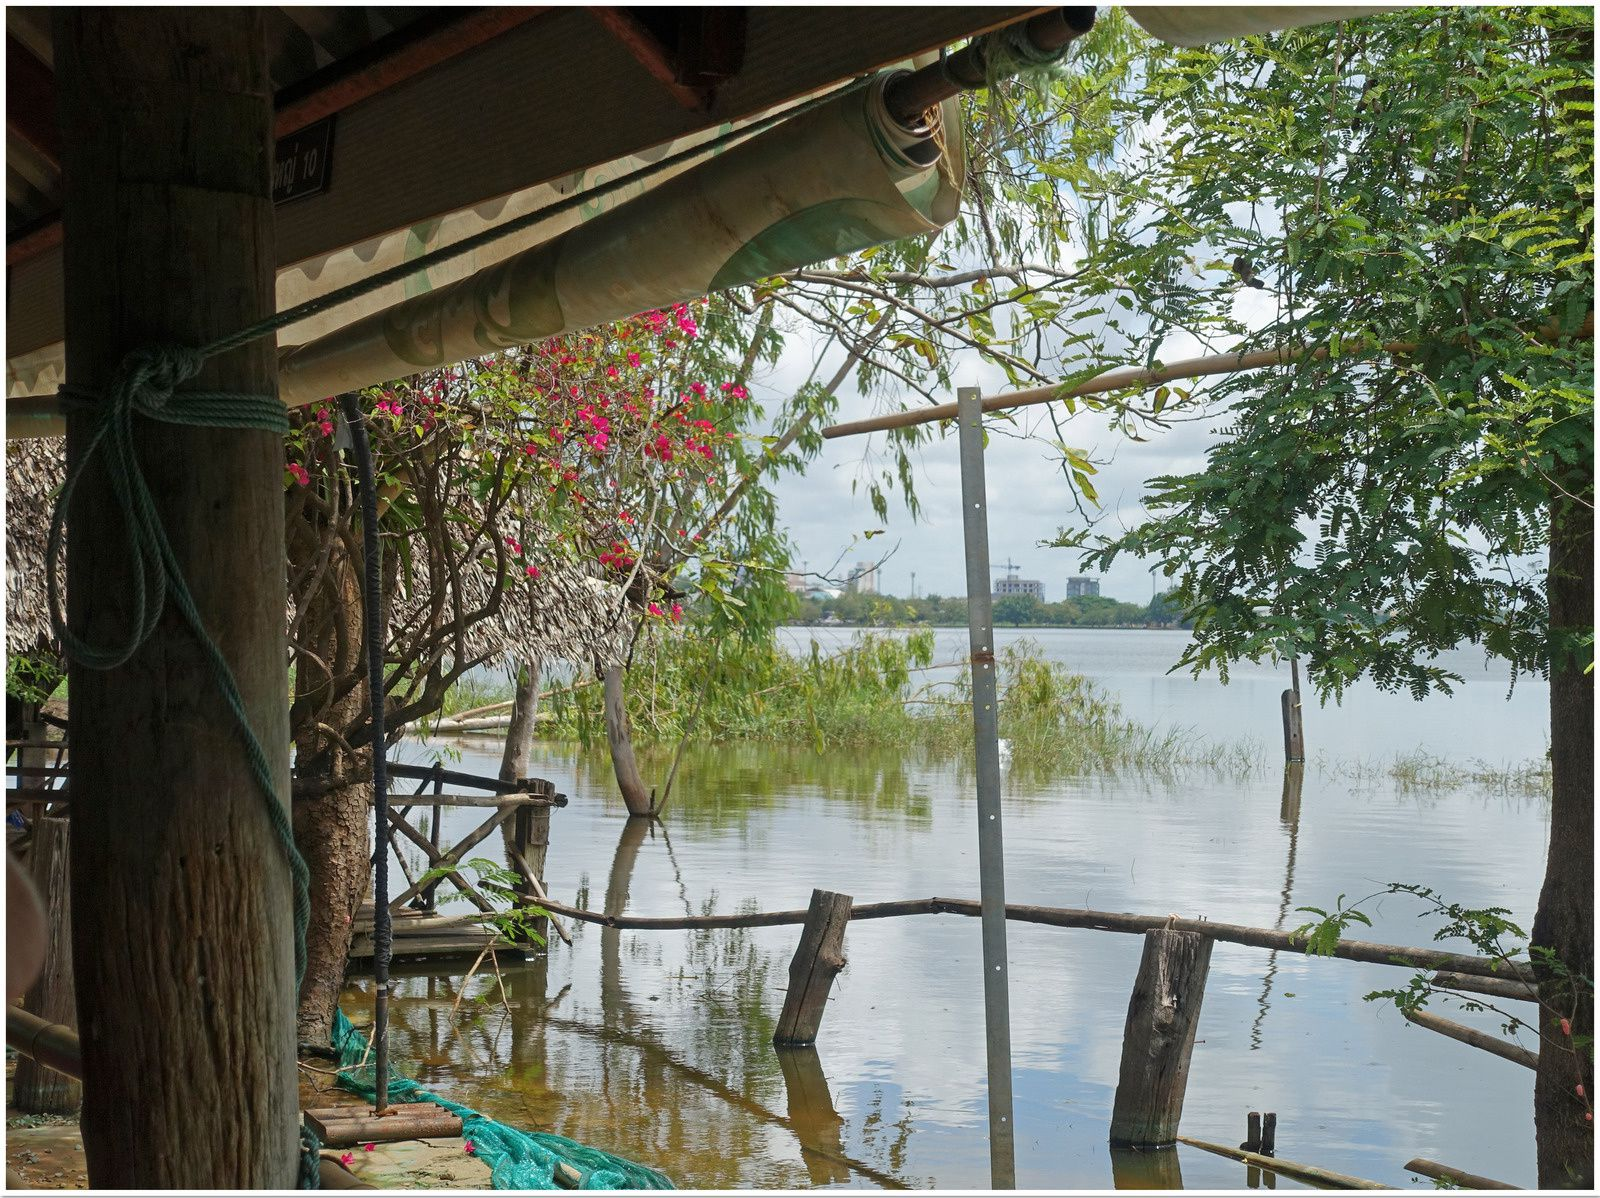 Repas en famille au bord du lac de Nong Khot (Khon Kaen)